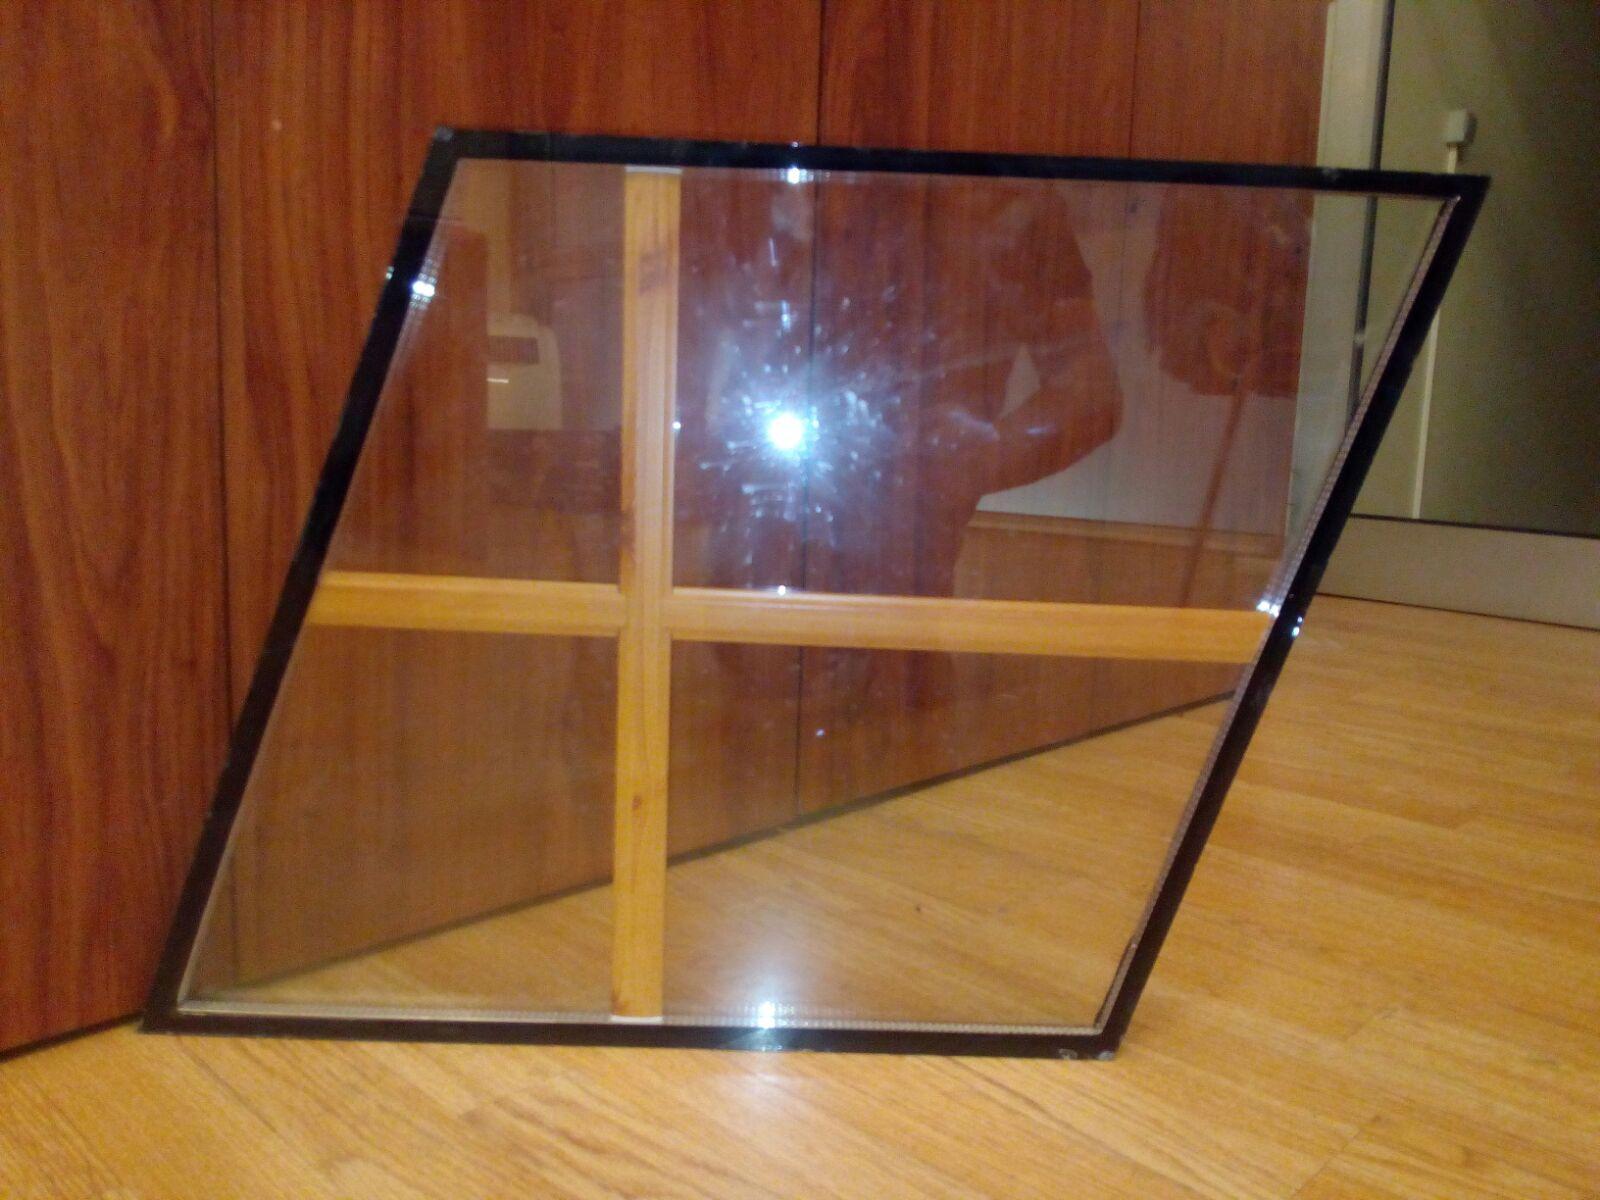 En comparació al vidre simple, el vidre doble o de càmera –també anomenat vidre climalit– constitueix un excel•lent aïllant tèrmic i acústic, amb estalvis que superen el 50%.